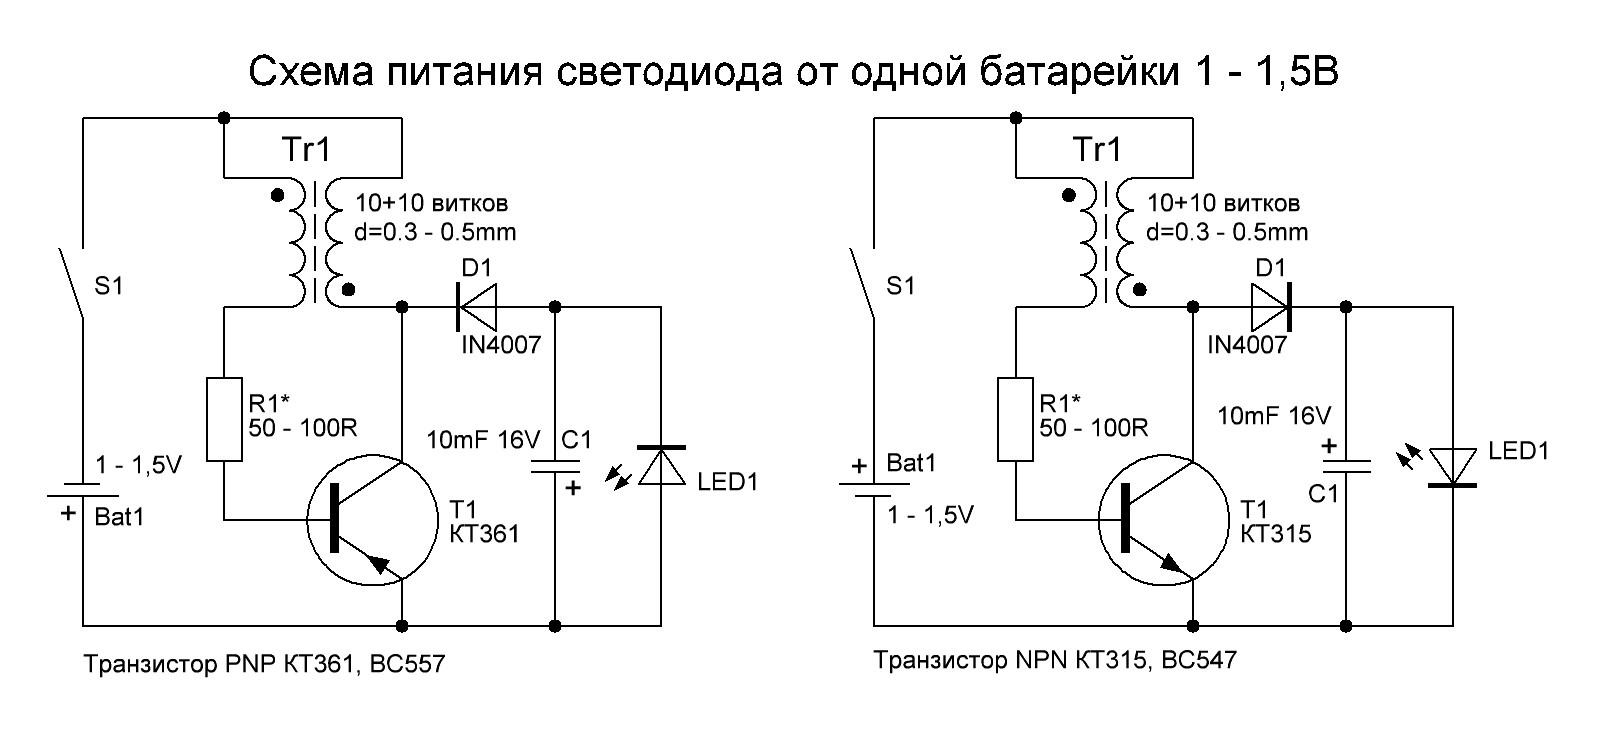 Схема питания светодиода от одной батарейки